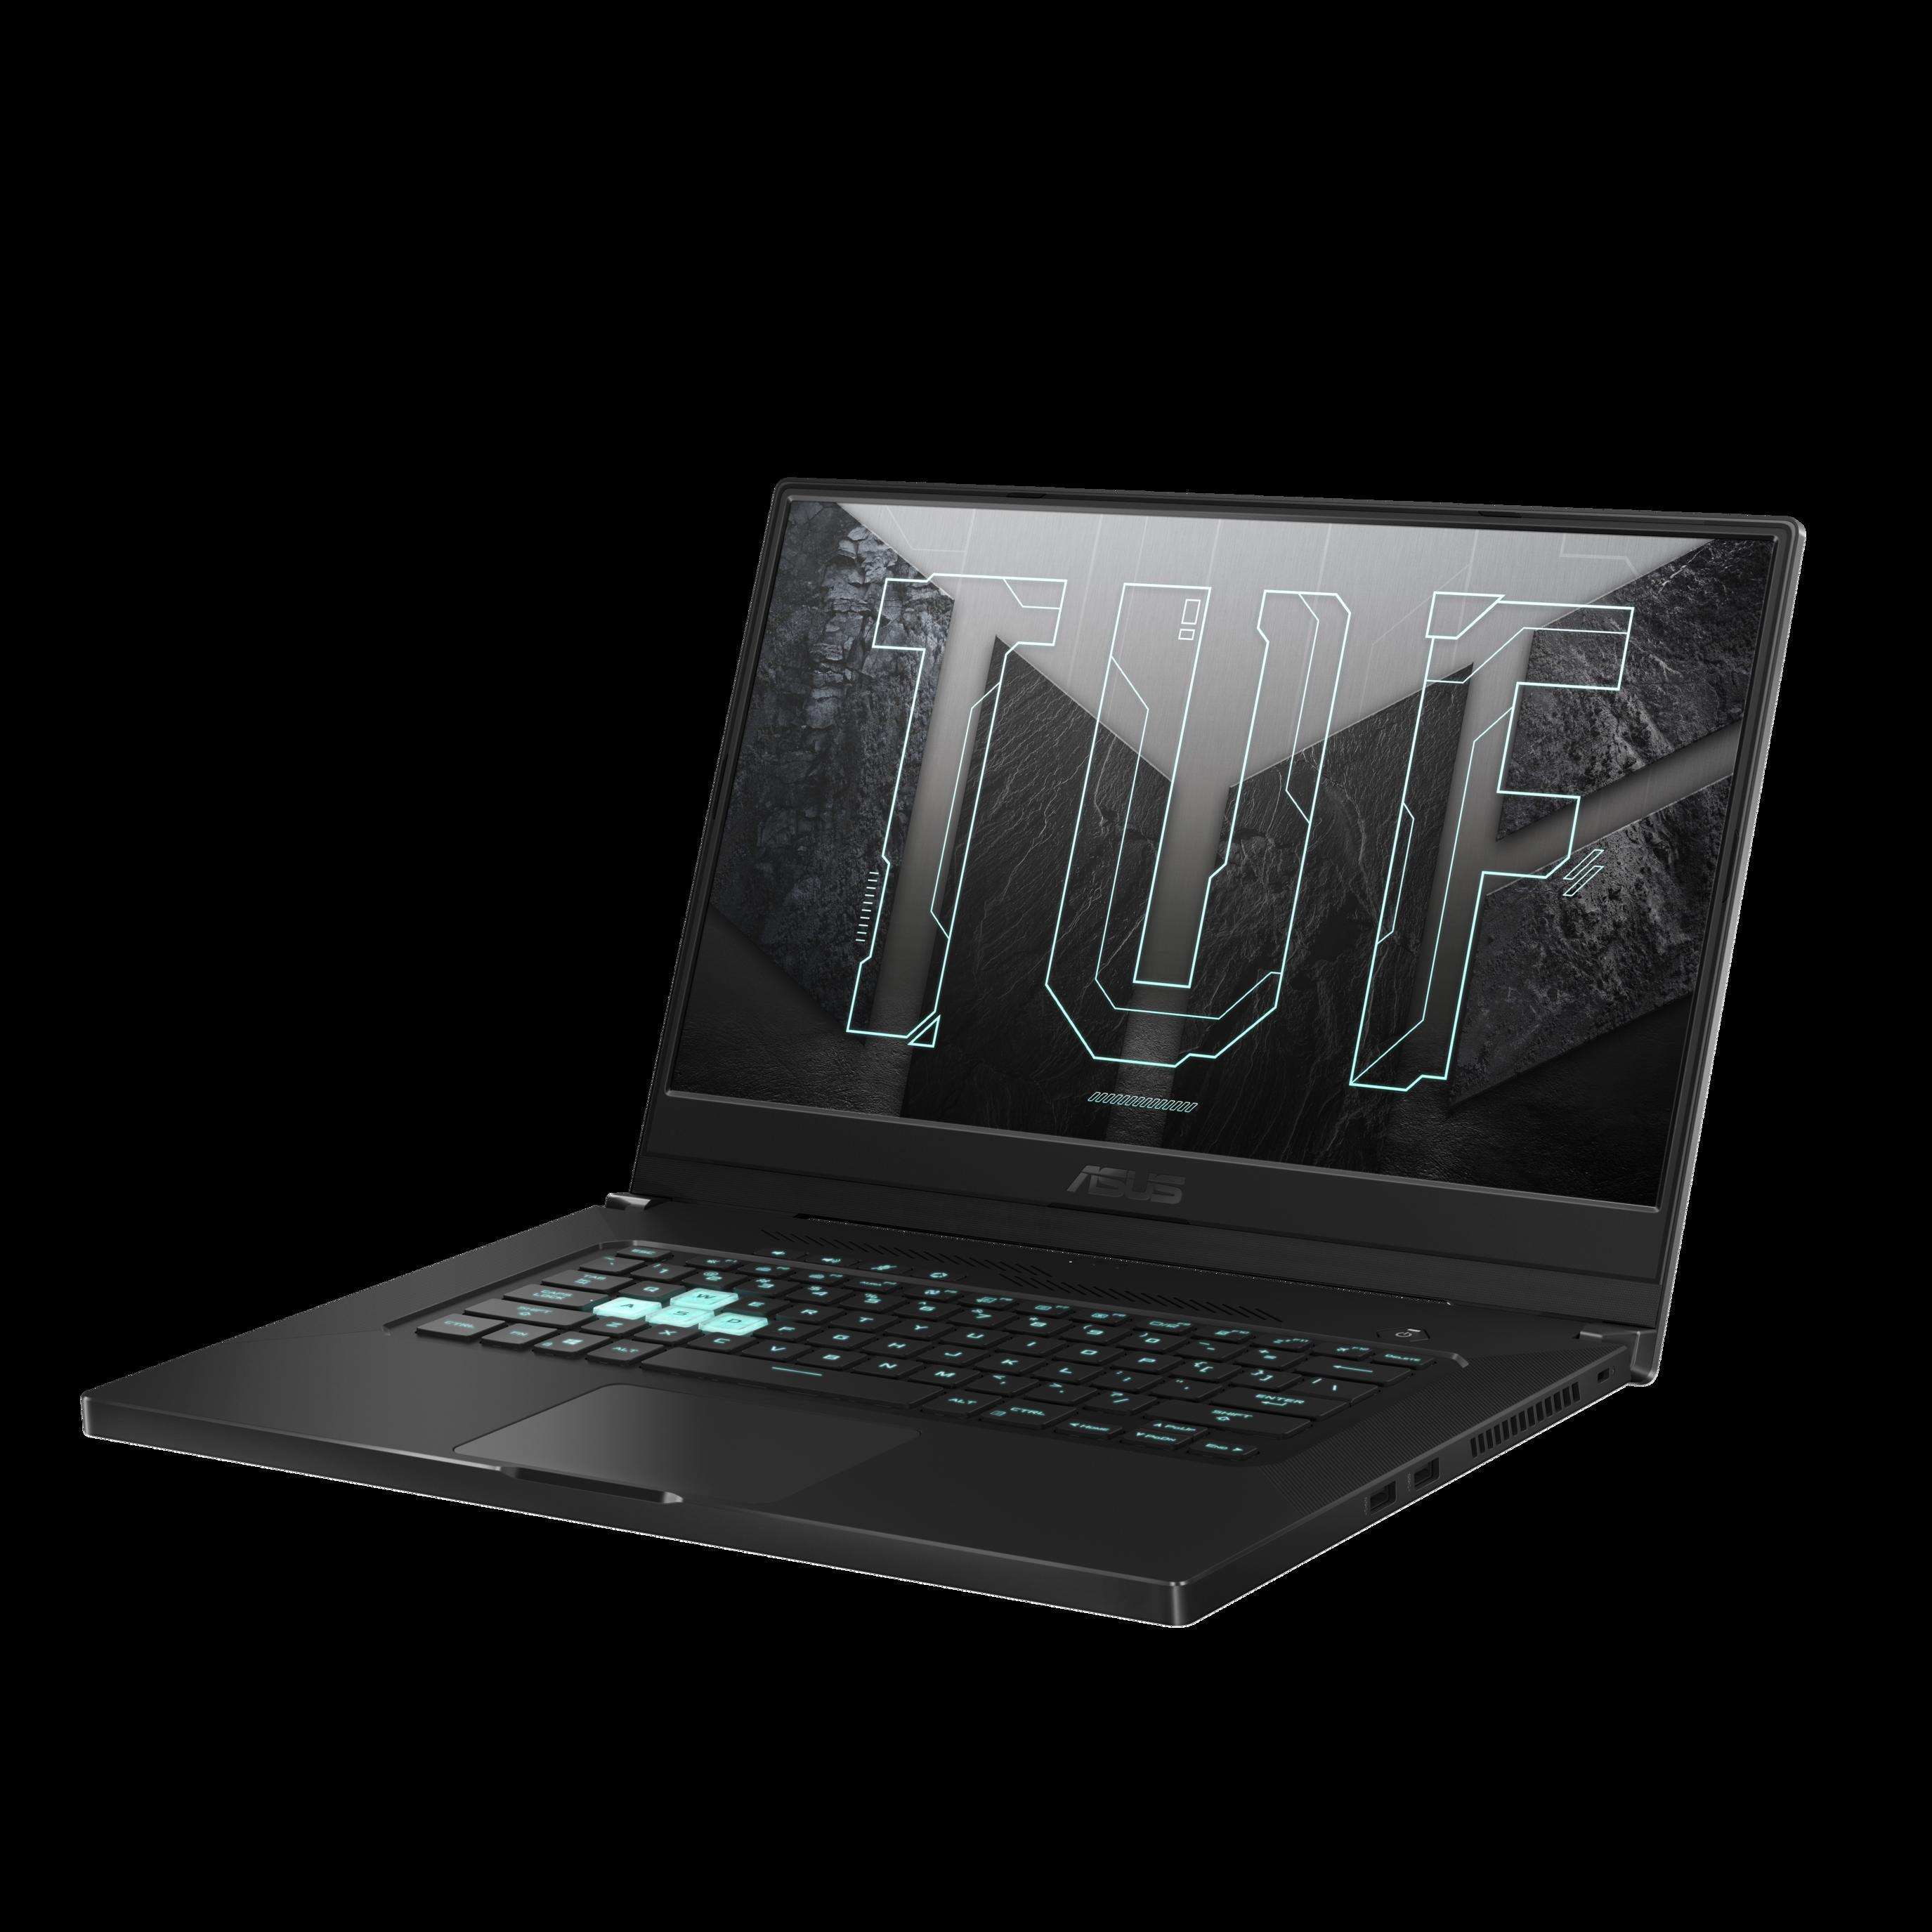 ASUS представила новые доступные игровые ноутбуки